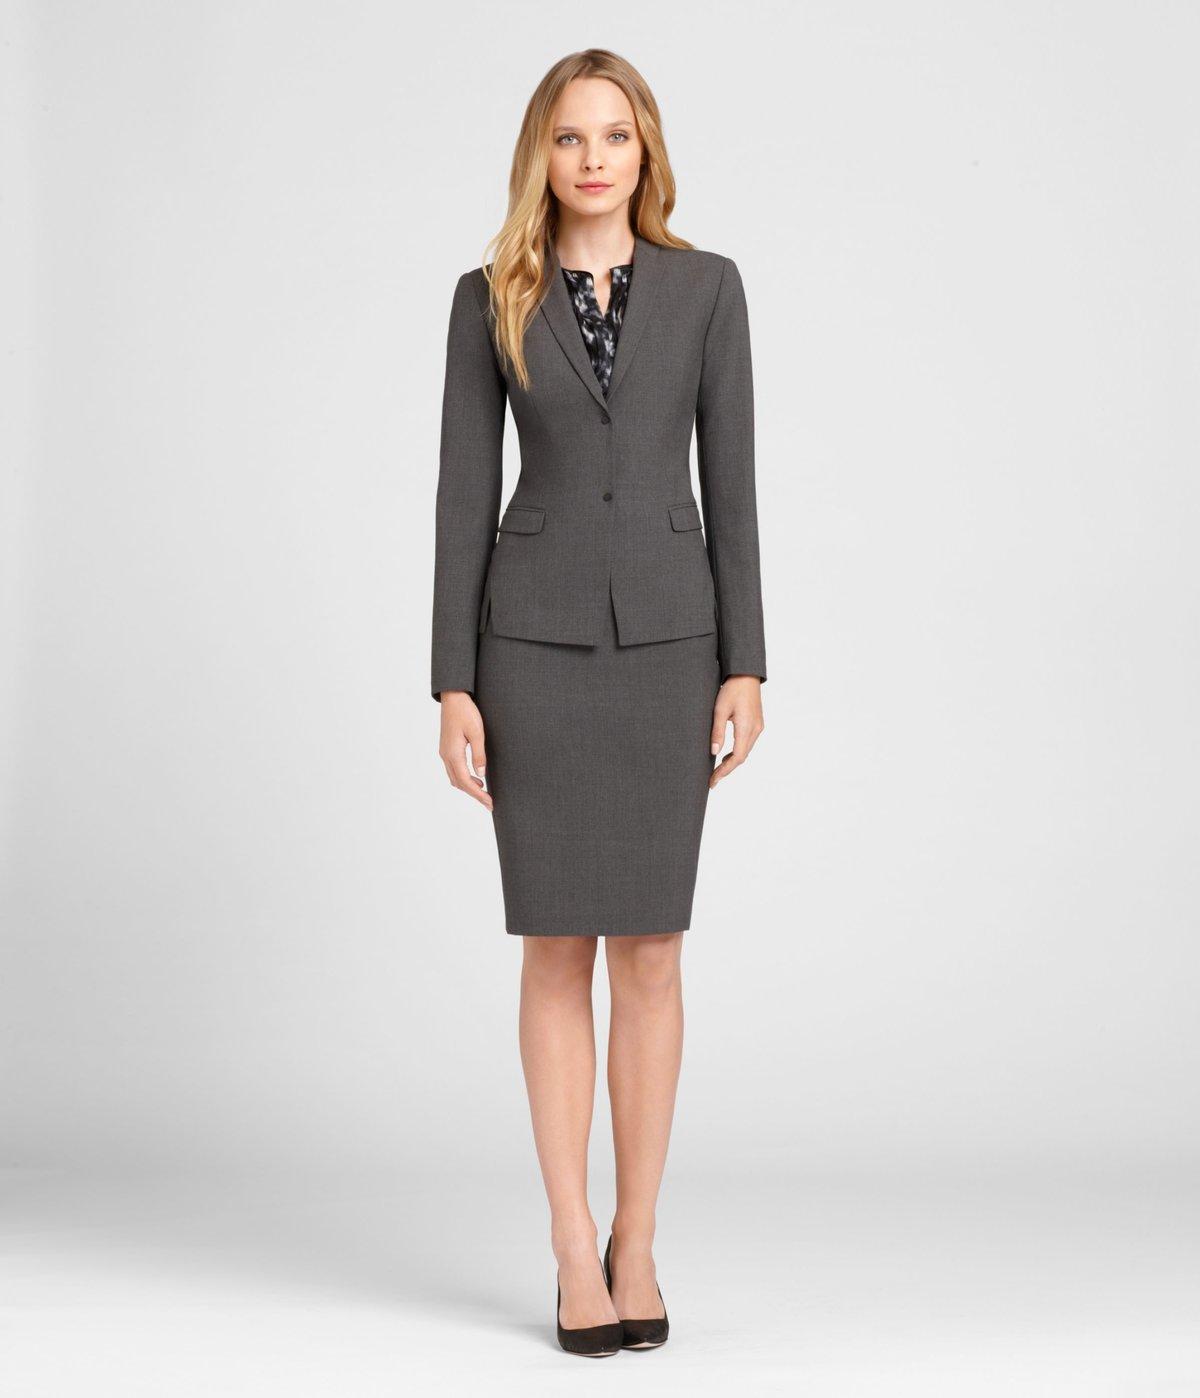 98adbc43e60 ... фото Женский деловой костюм - офисный костюм